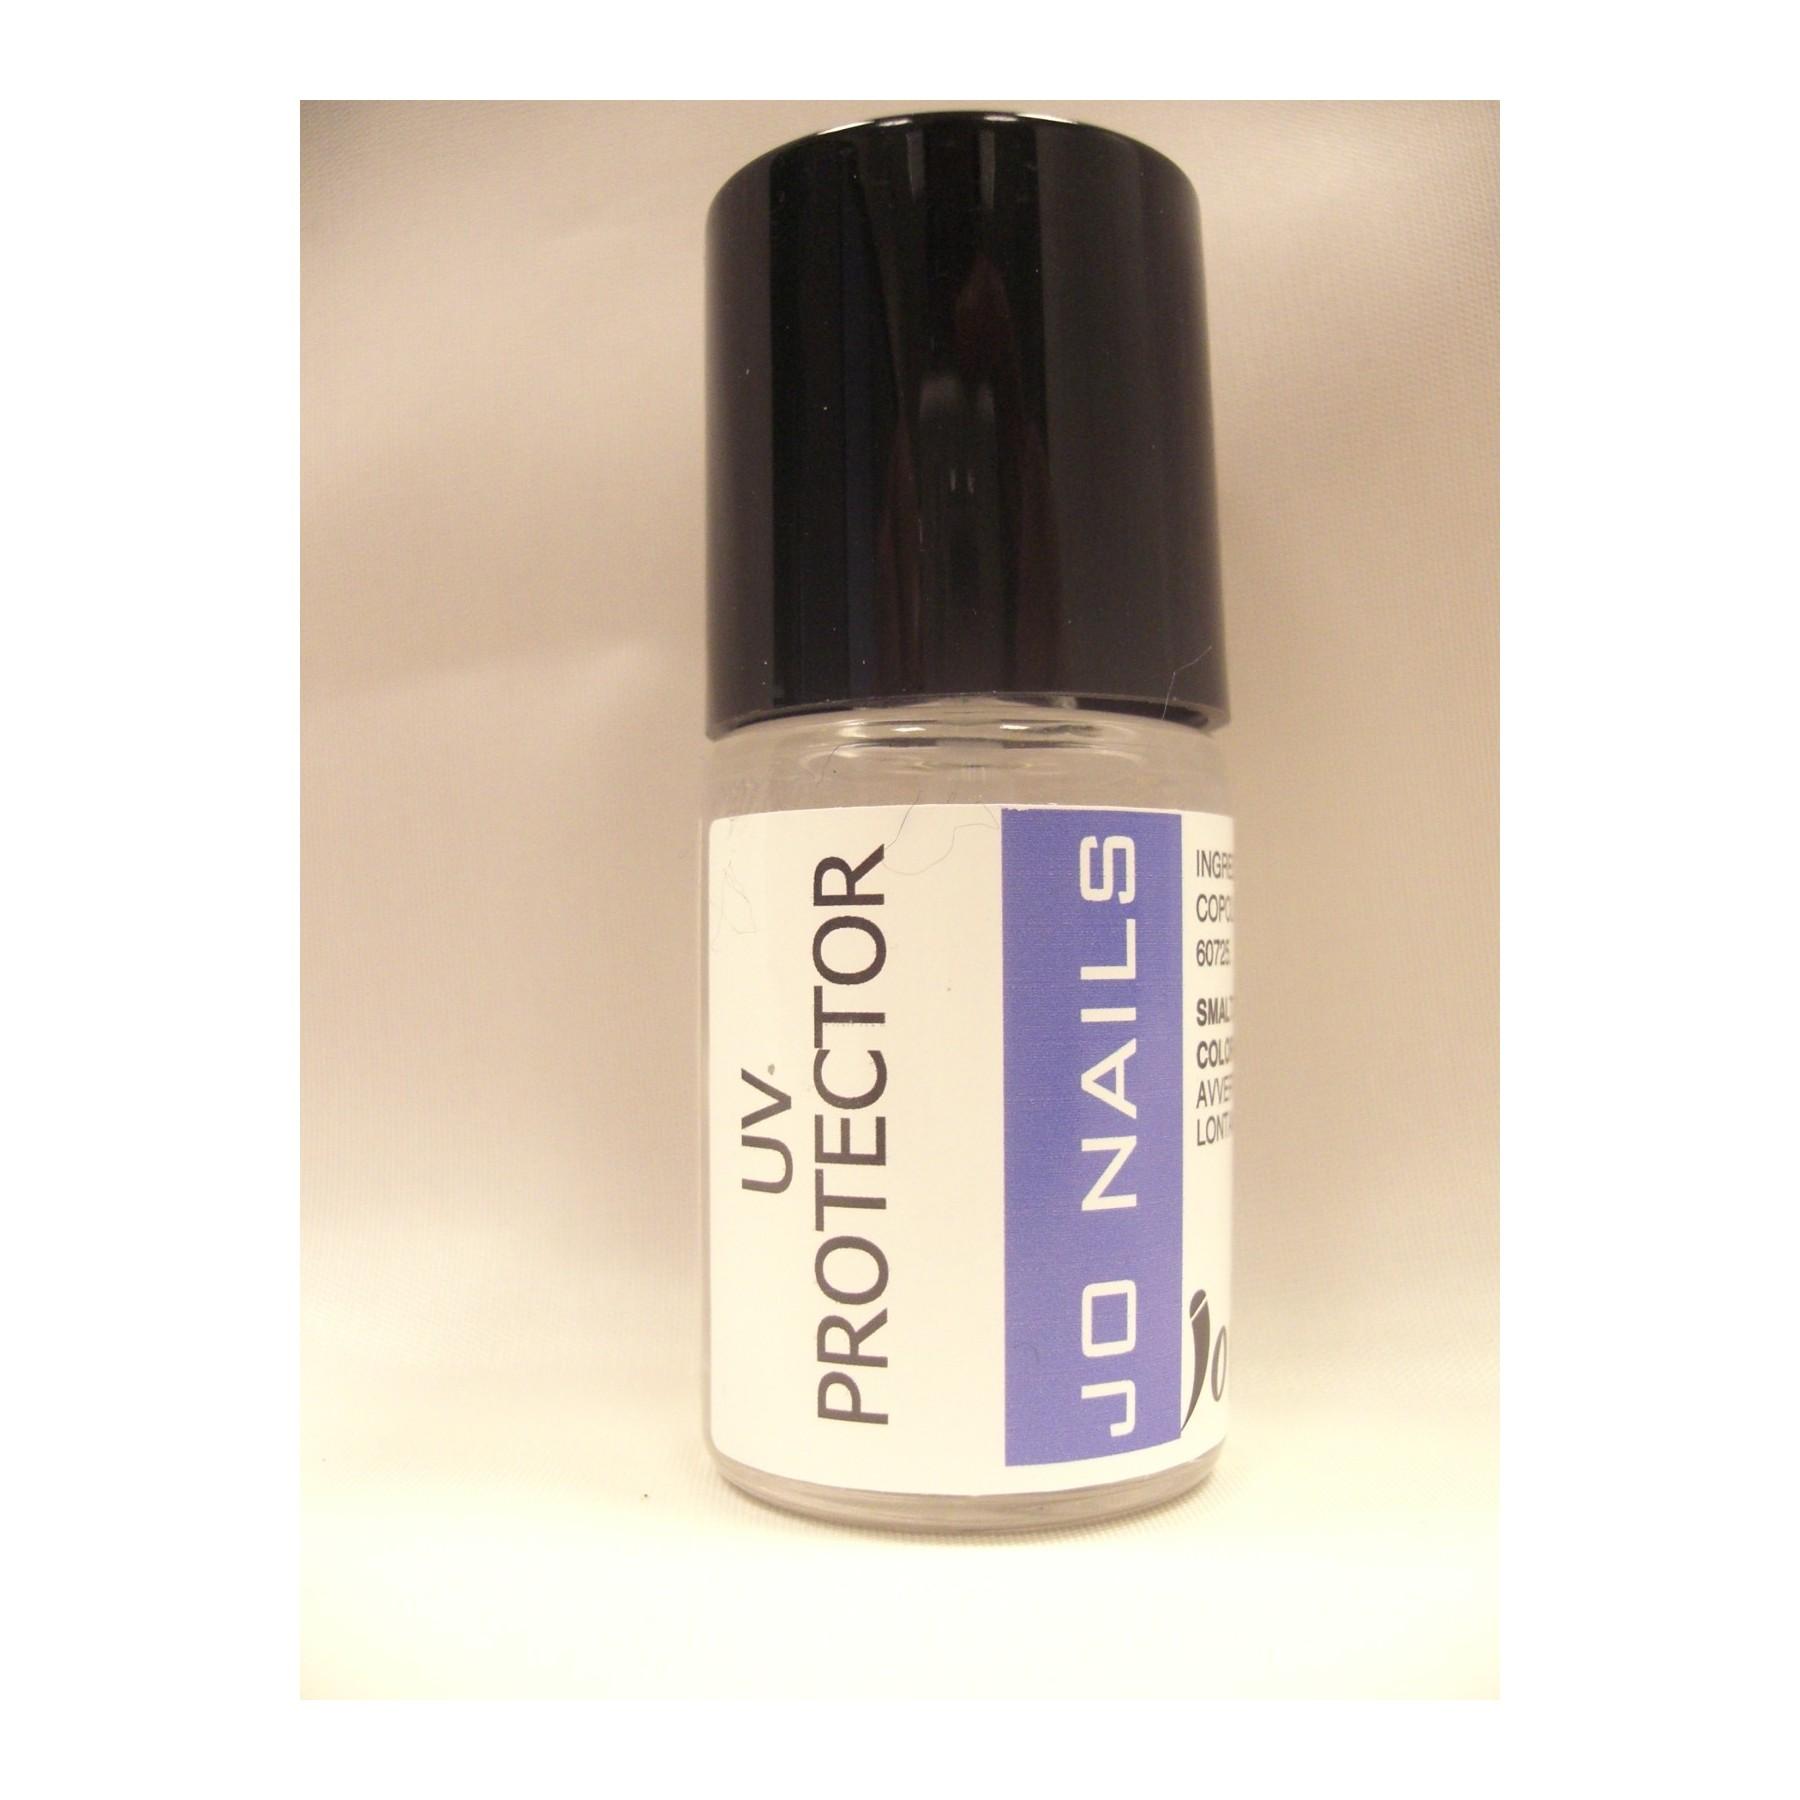 Smalto unghie protettivo raggi uv protector joprof - Diva nails prodotti ...